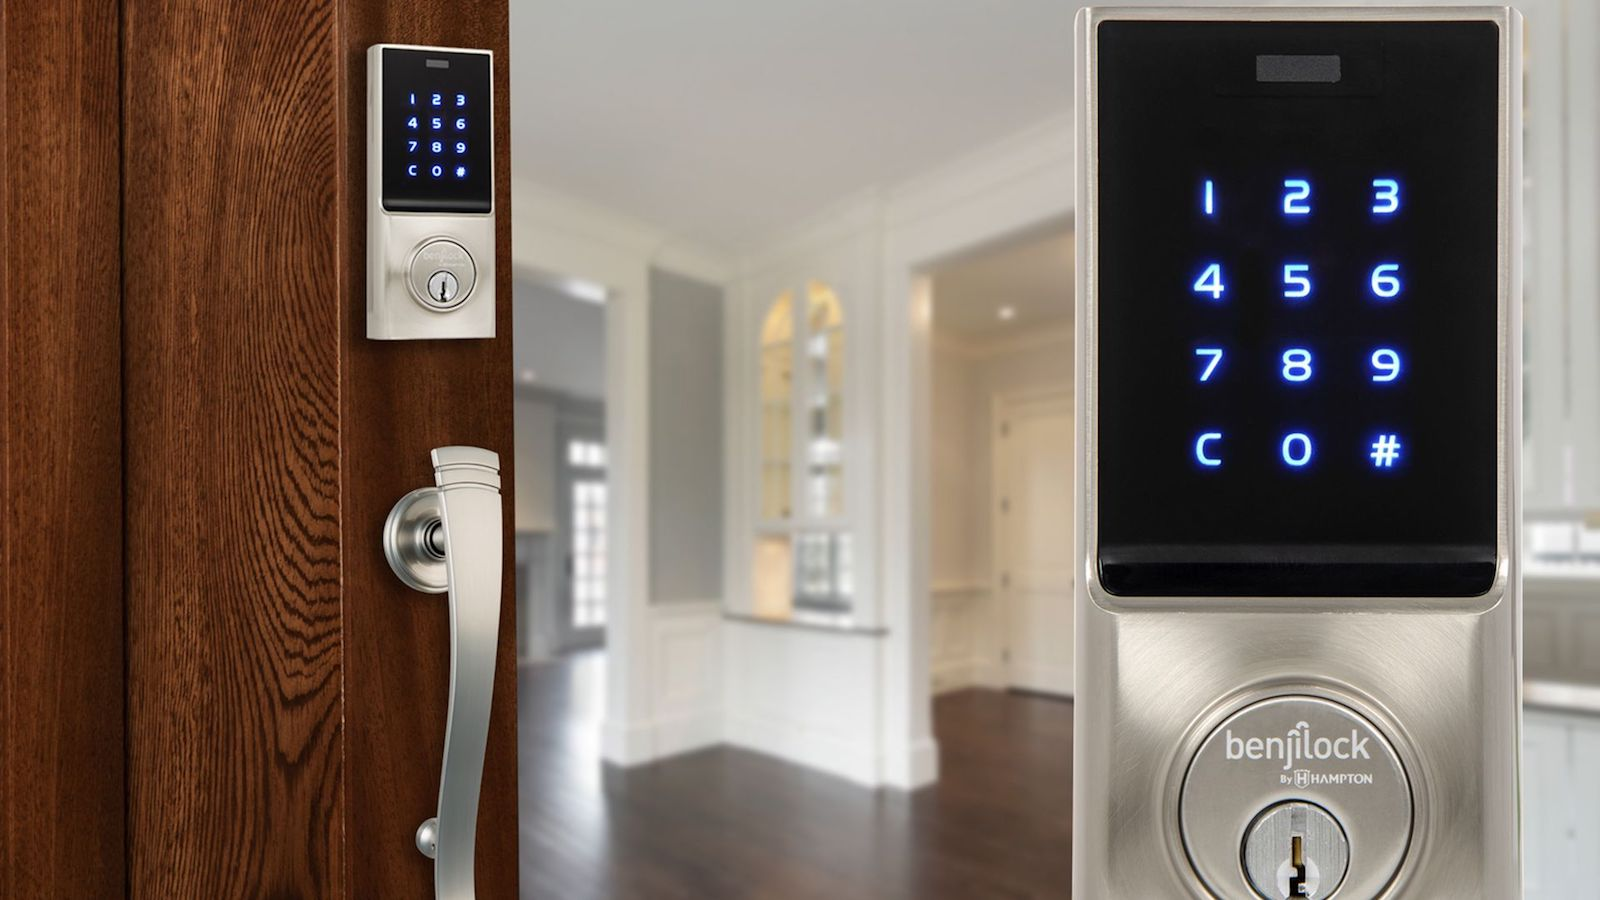 BenjiLock By Hampton keyless fingerprint entry stores 10 fingerprints and 25 user codes